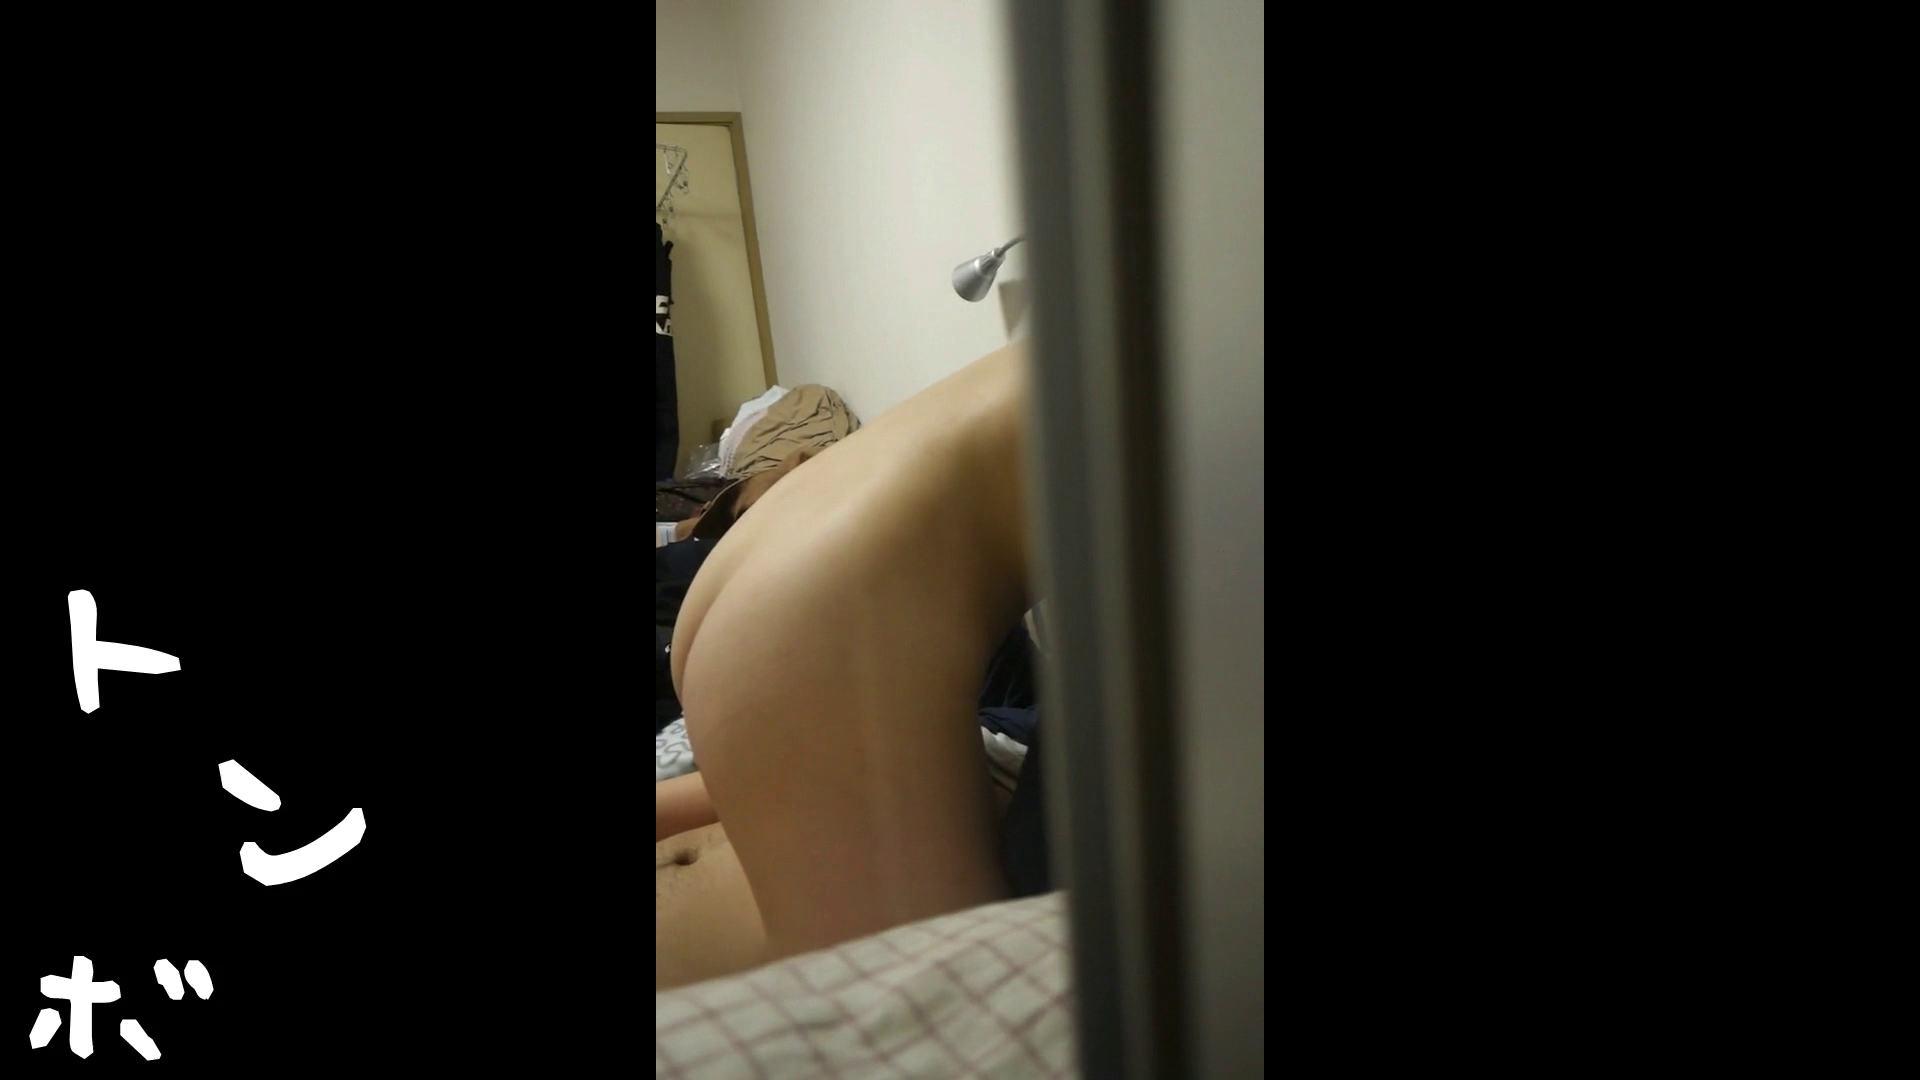 ▲2017_08位▲ 【02位 2016】盗撮美人女子大プライベートSEX Hな美女 盗み撮り動画 105pic 22